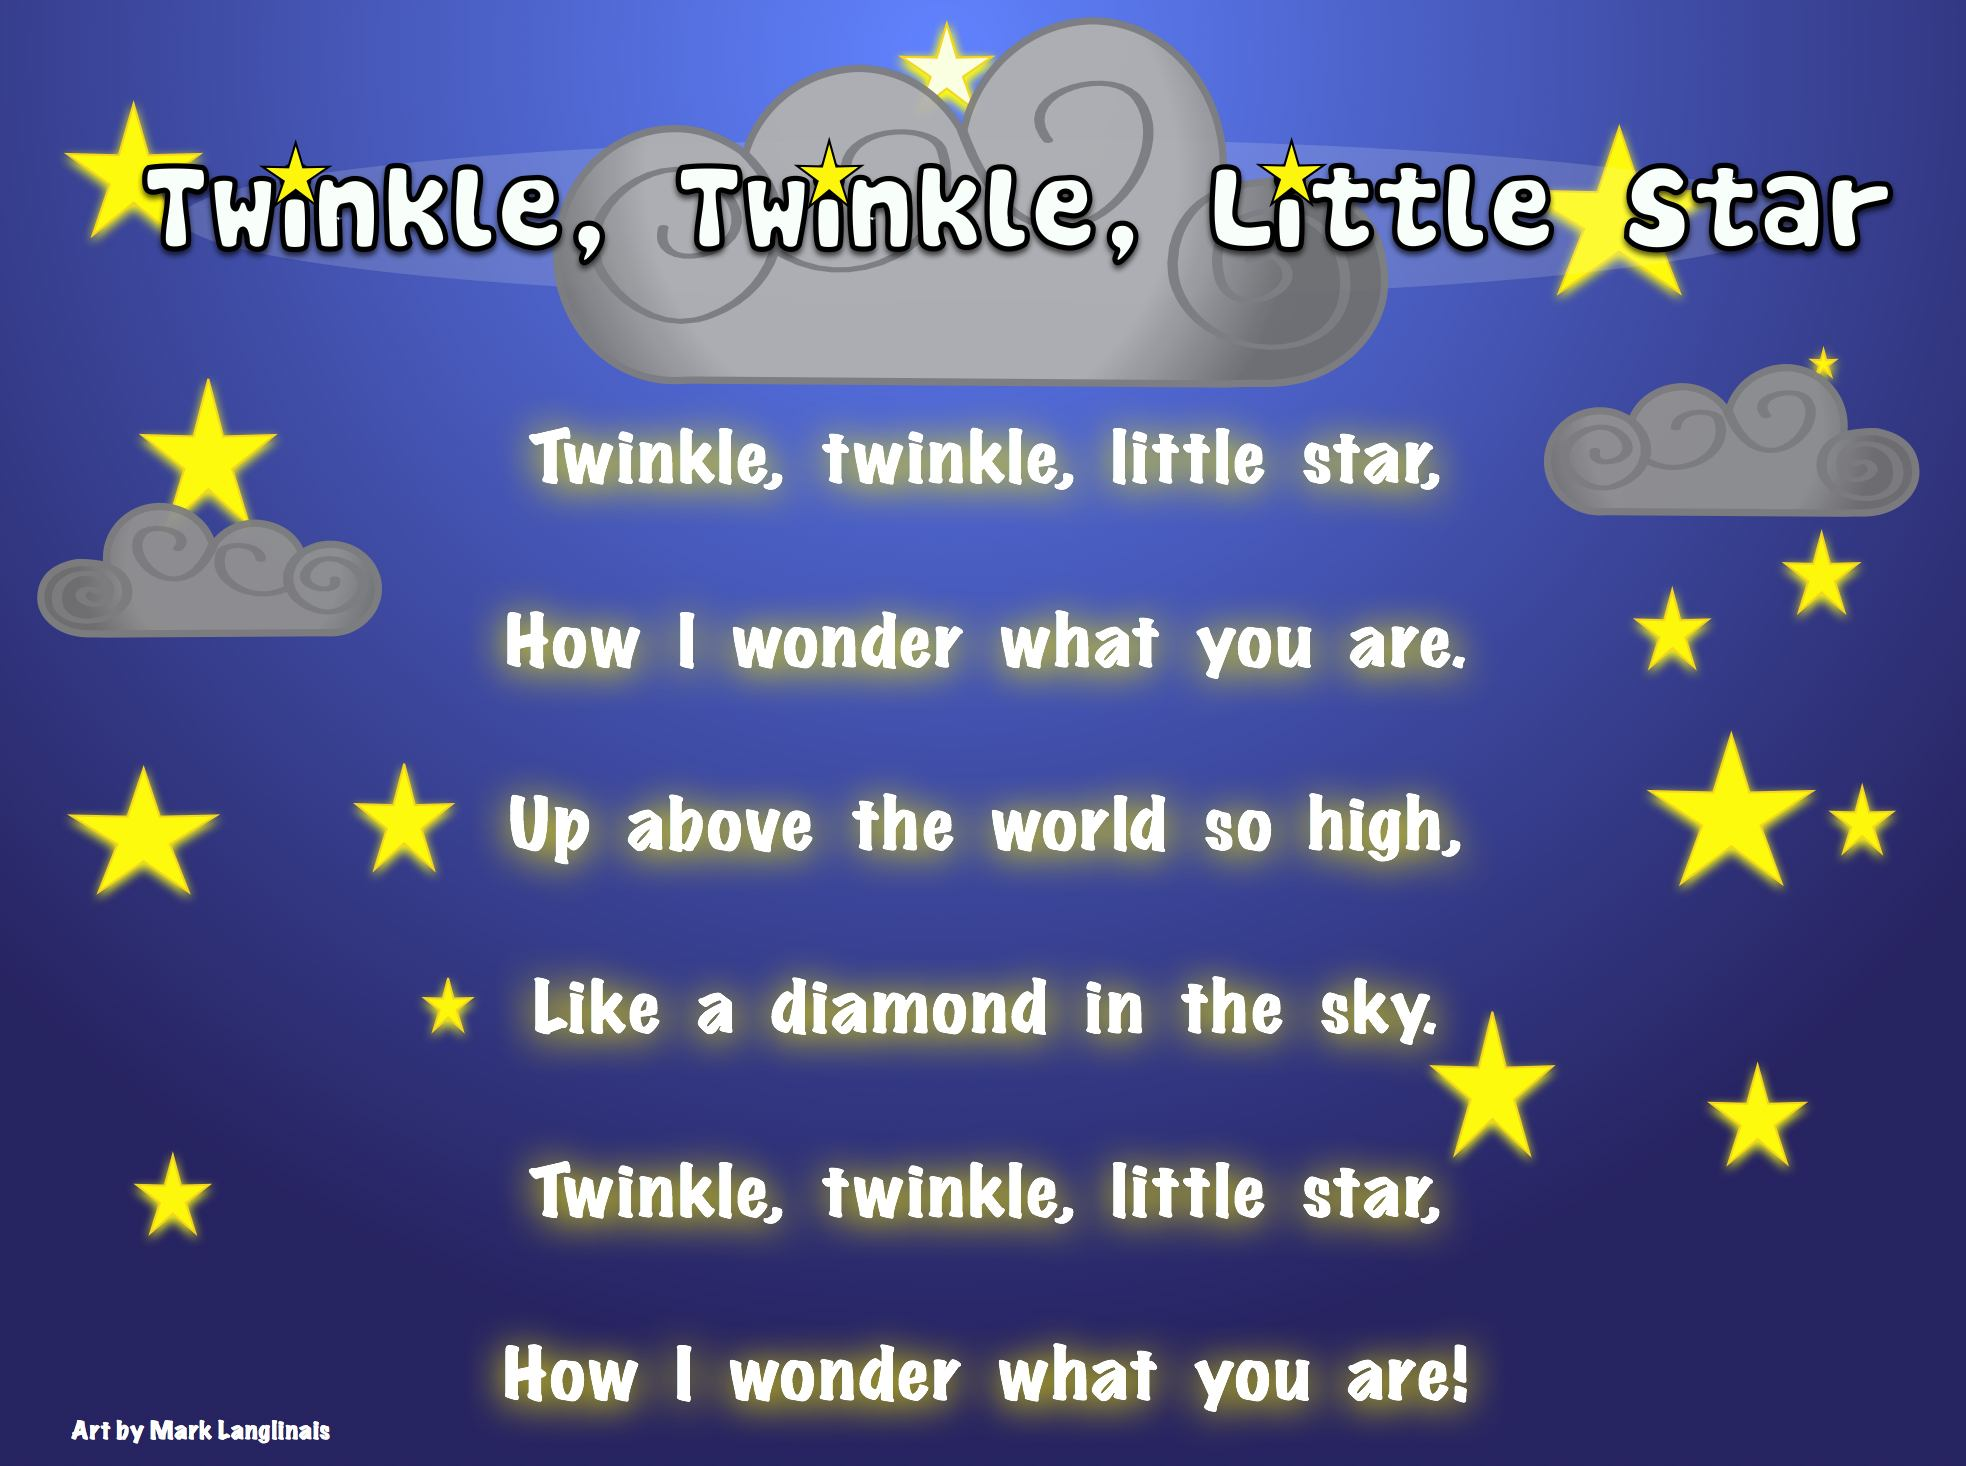 Twinkle Twinkle Little Star Breakthrough Life Bhavanajagat